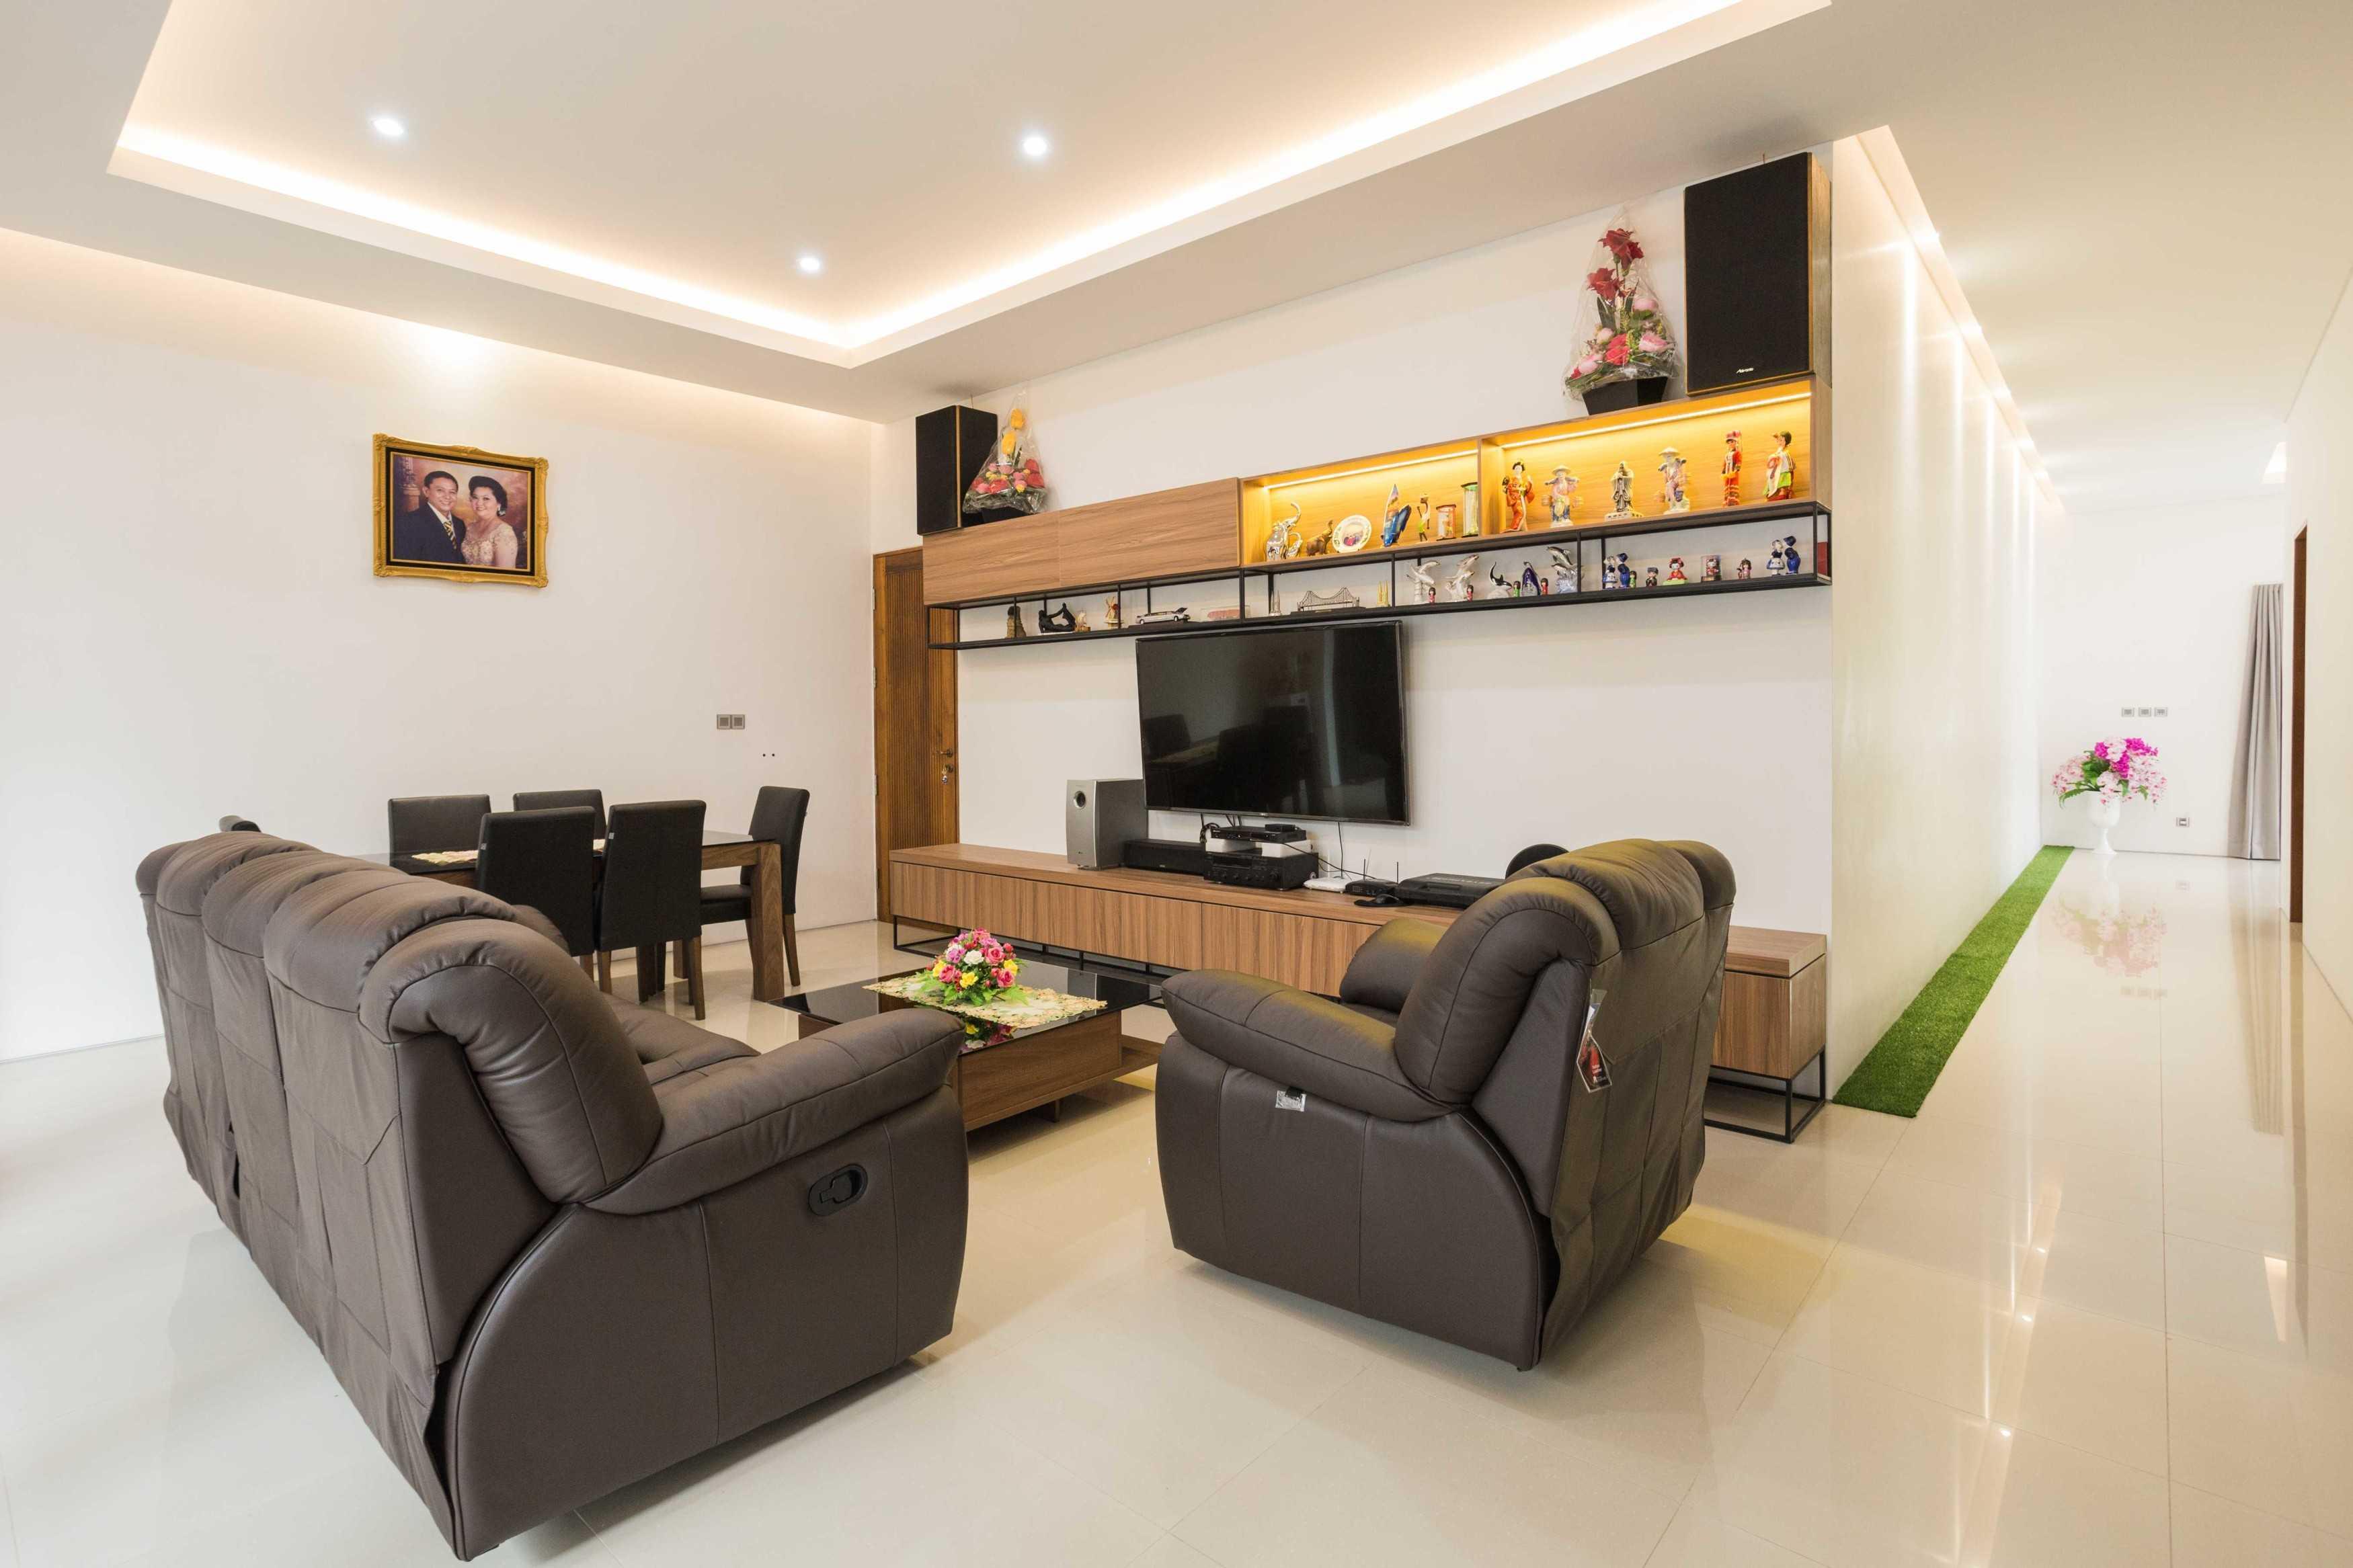 Guntur Haryadi Architecture Studio Ni House Depok, Kota Depok, Jawa Barat, Indonesia Depok, Kota Depok, Jawa Barat, Indonesia Guntur-Haryadi-Architecture-Studio-Ni-House   62625